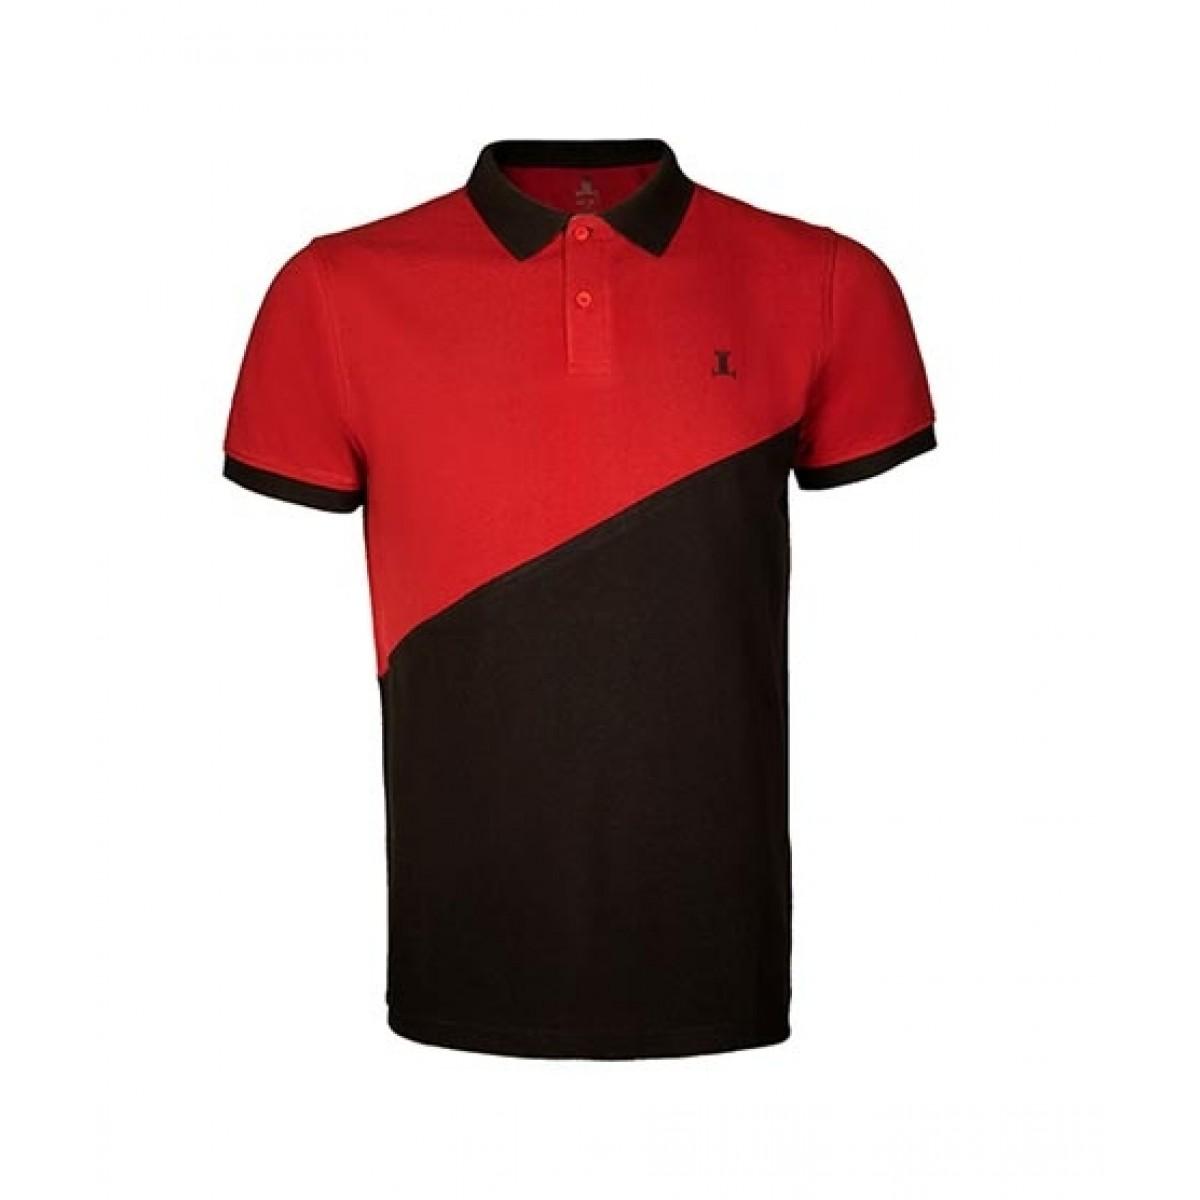 Julke Tyler Polo Shirt For Men Red/Black